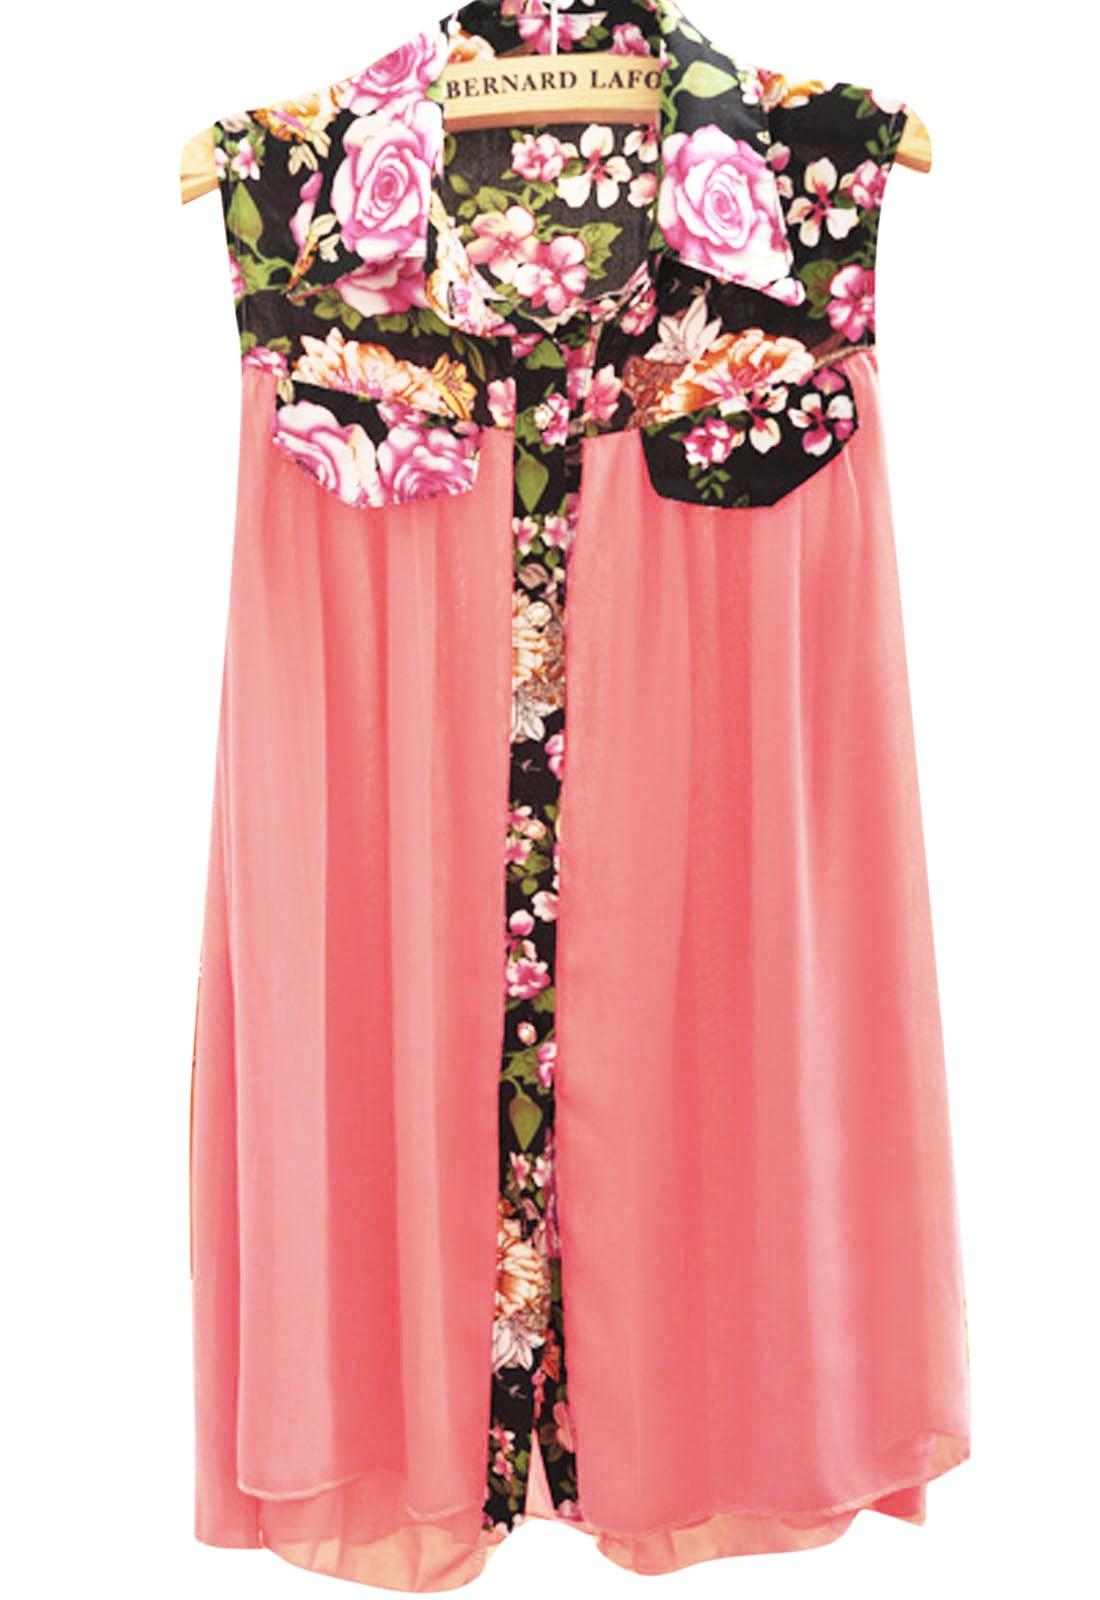 Zanzea® Women Fashion Loose Floral Chiffon Sleeveless Blouse - CA$10.51